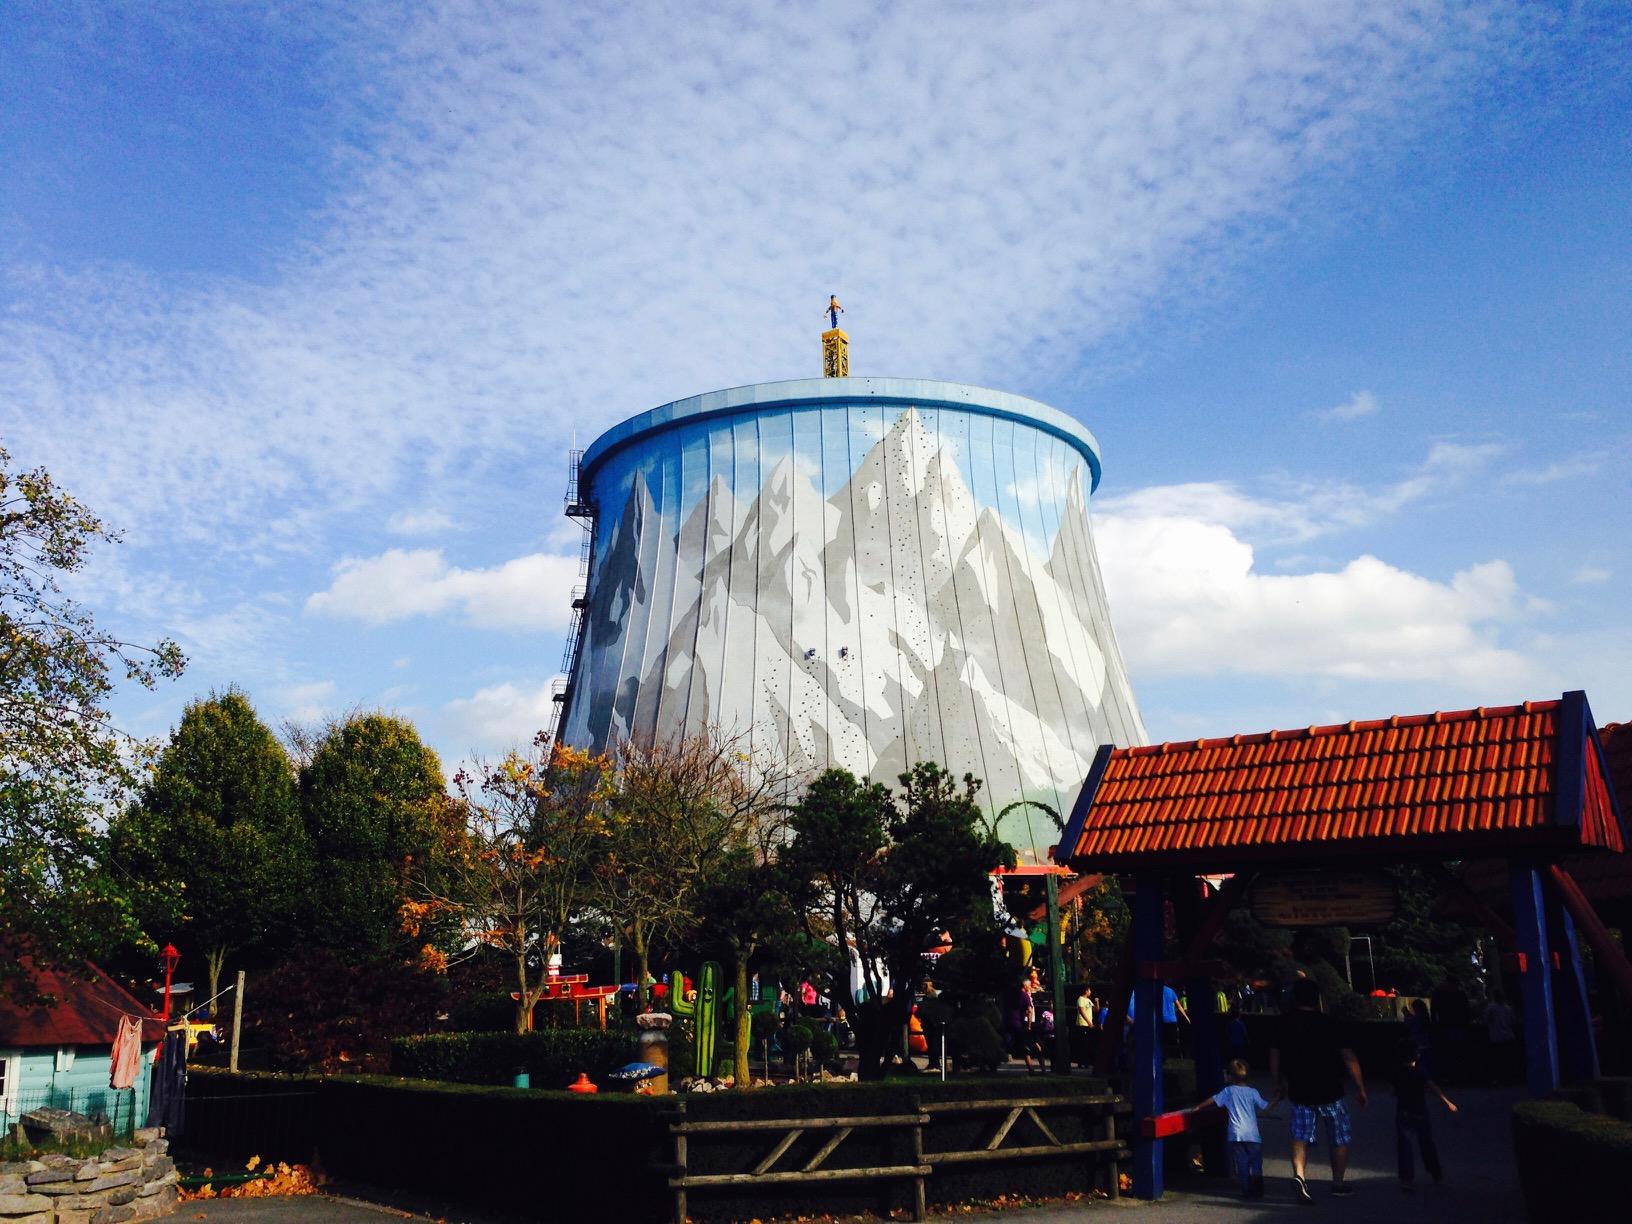 Ausflugstipps NRW, Blick von weitem auf den alten Kühlturm in Kernie's Familienpark, Kalkar